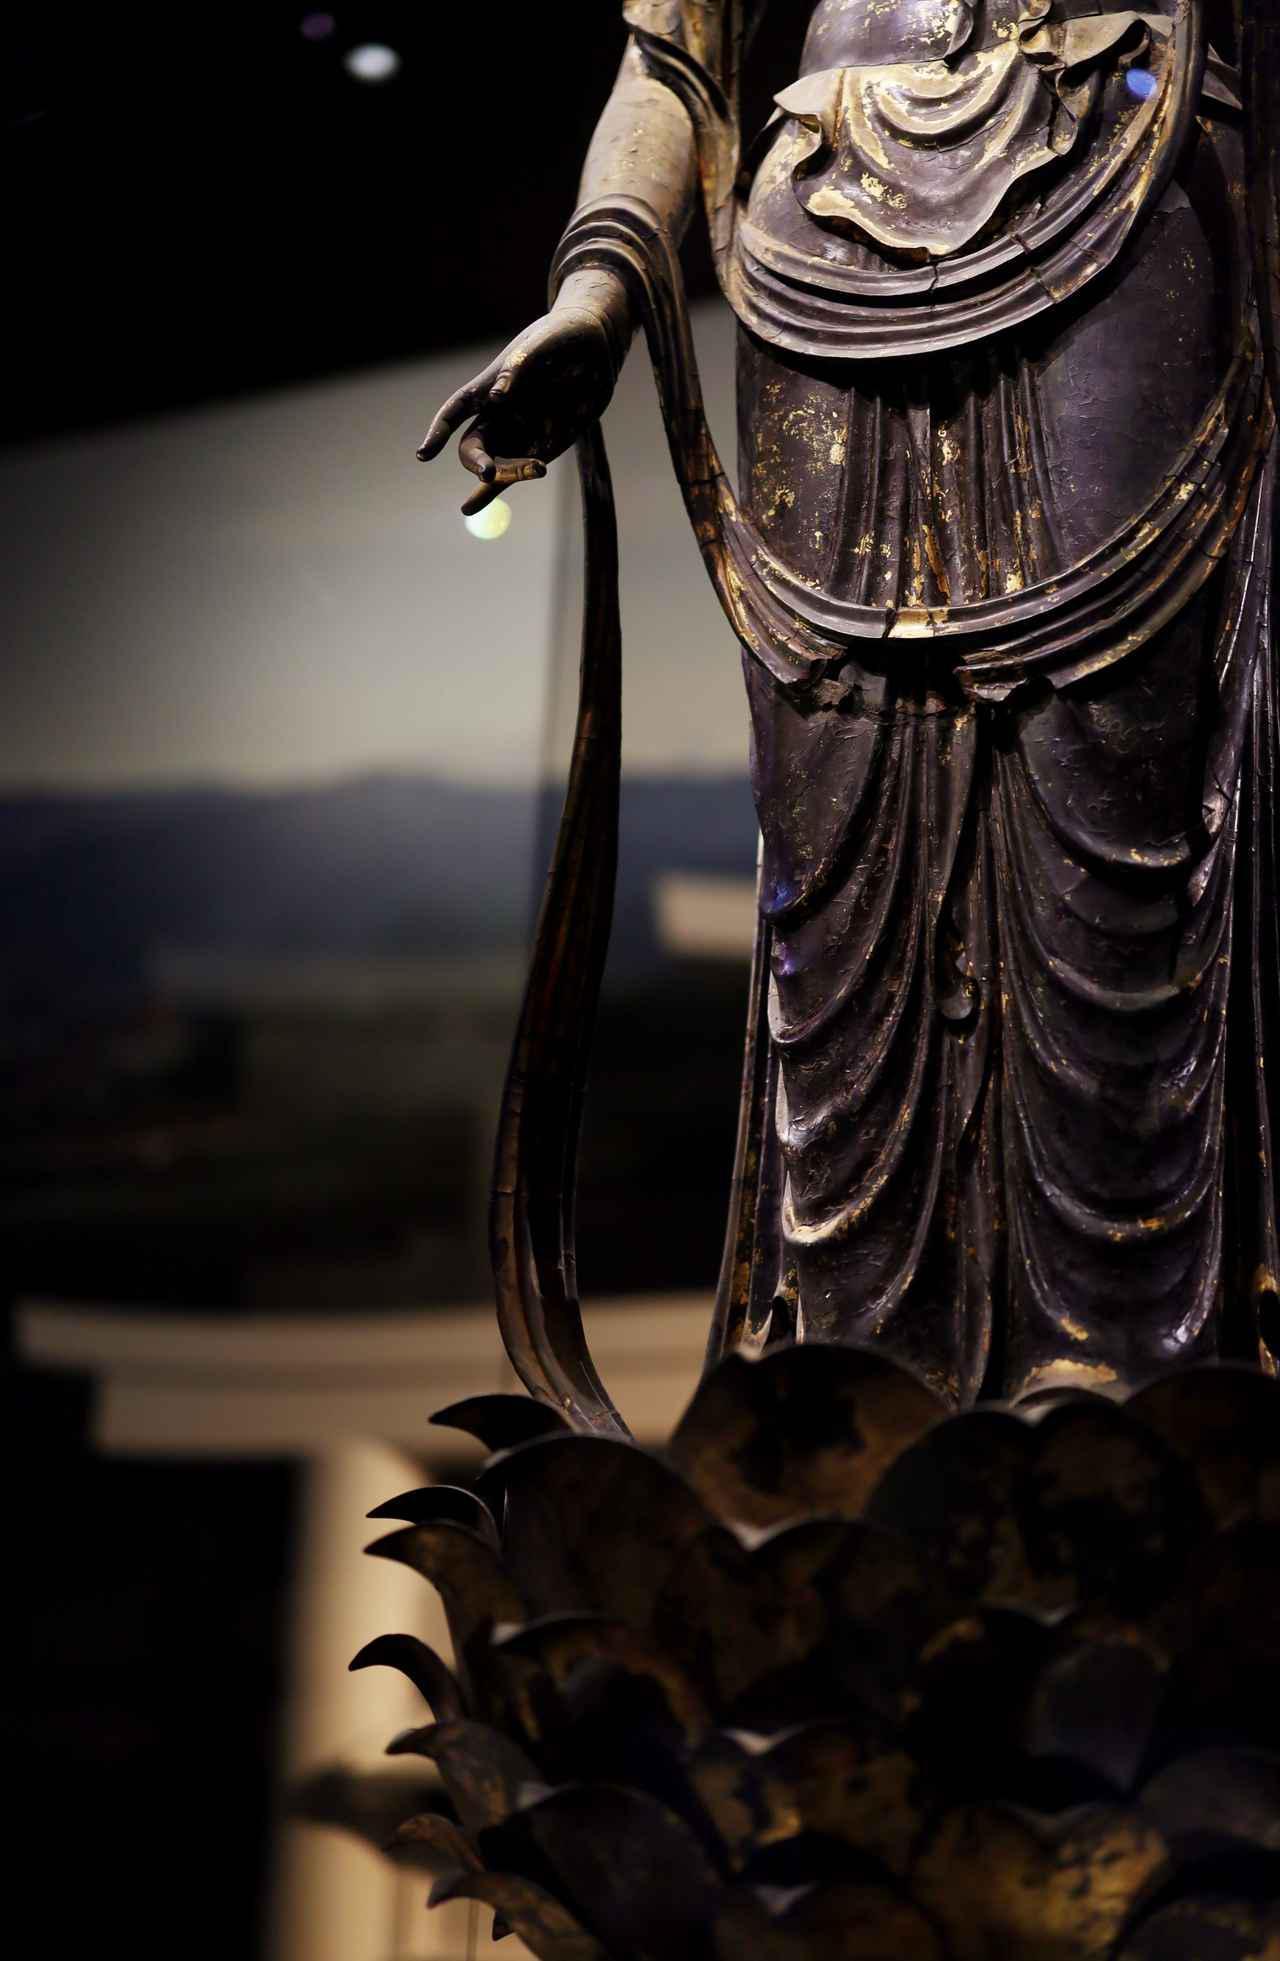 画像: 国宝 十一面観音菩薩立像 (部分) 奈良時代・8世紀 奈良・聖林寺蔵 腕にかけられた天衣が先端までほぼ完全に残る